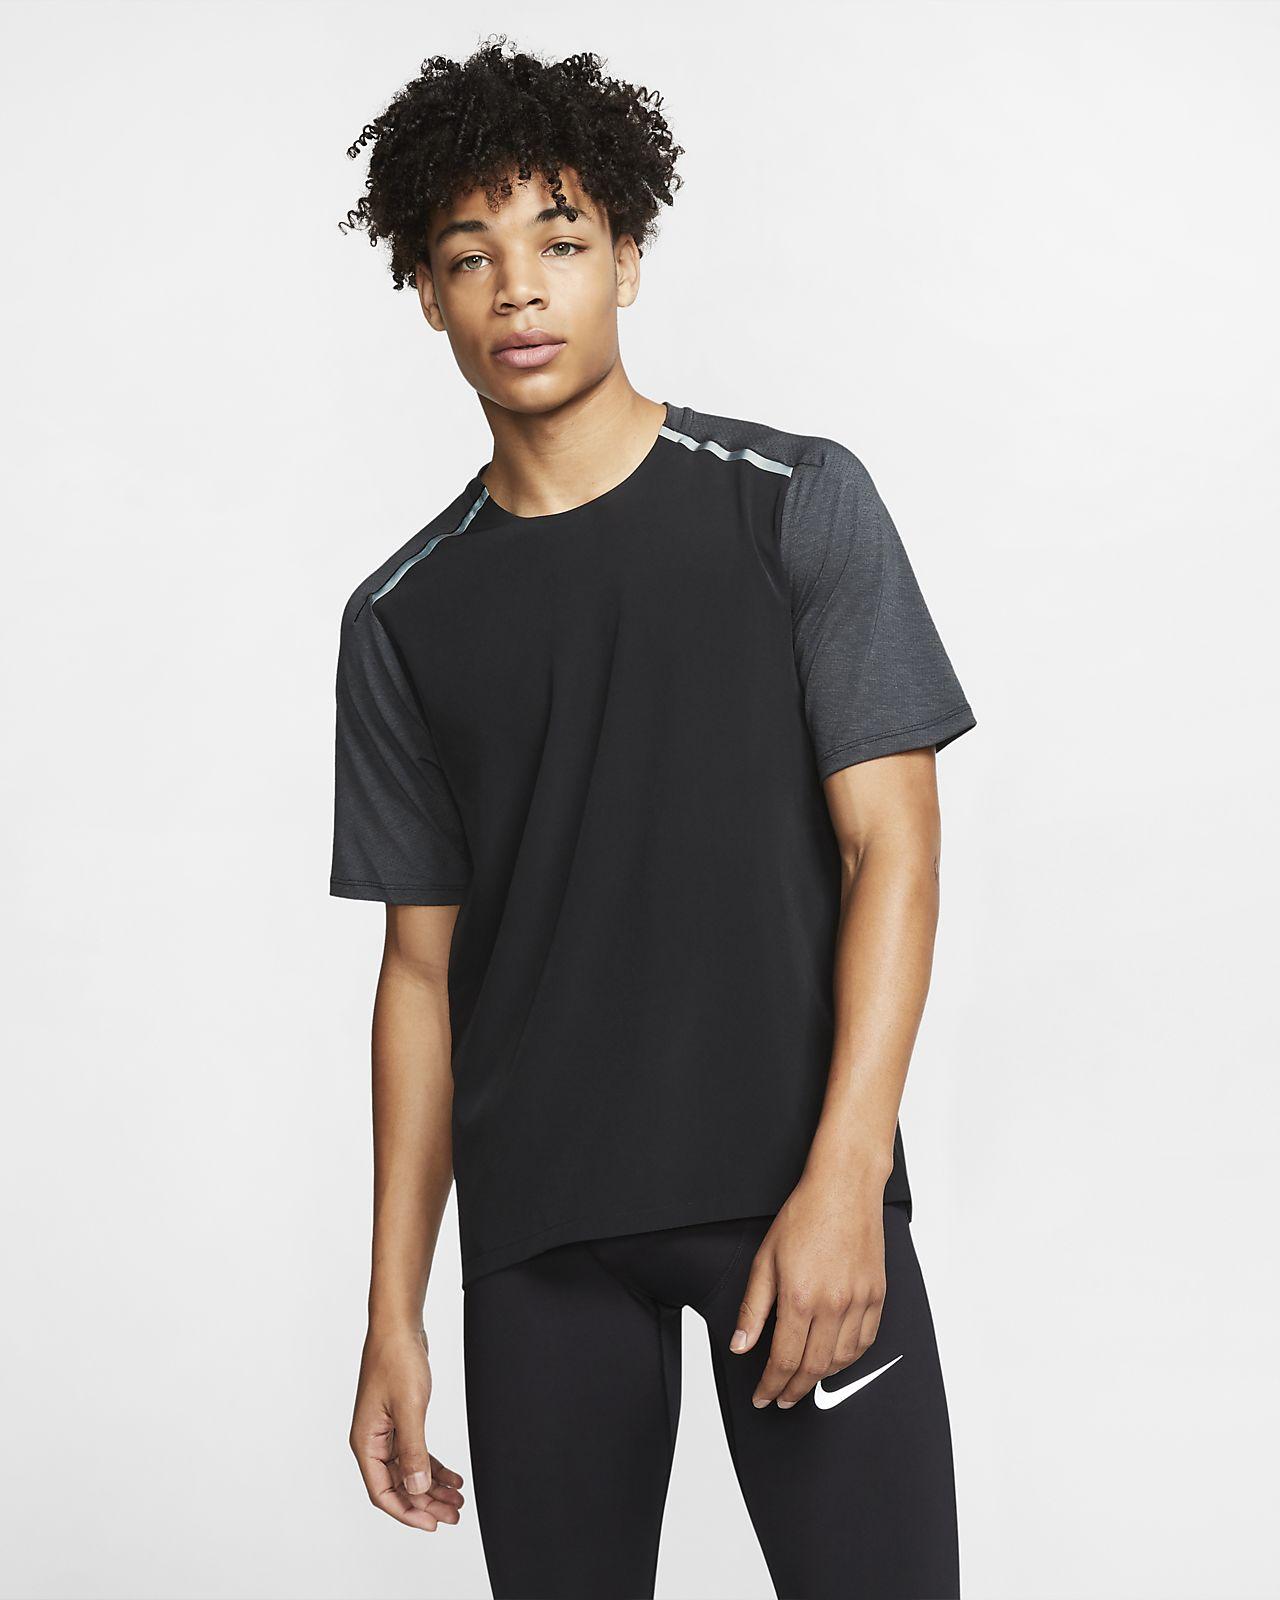 Nike Tech Men's Short-Sleeve Running Top